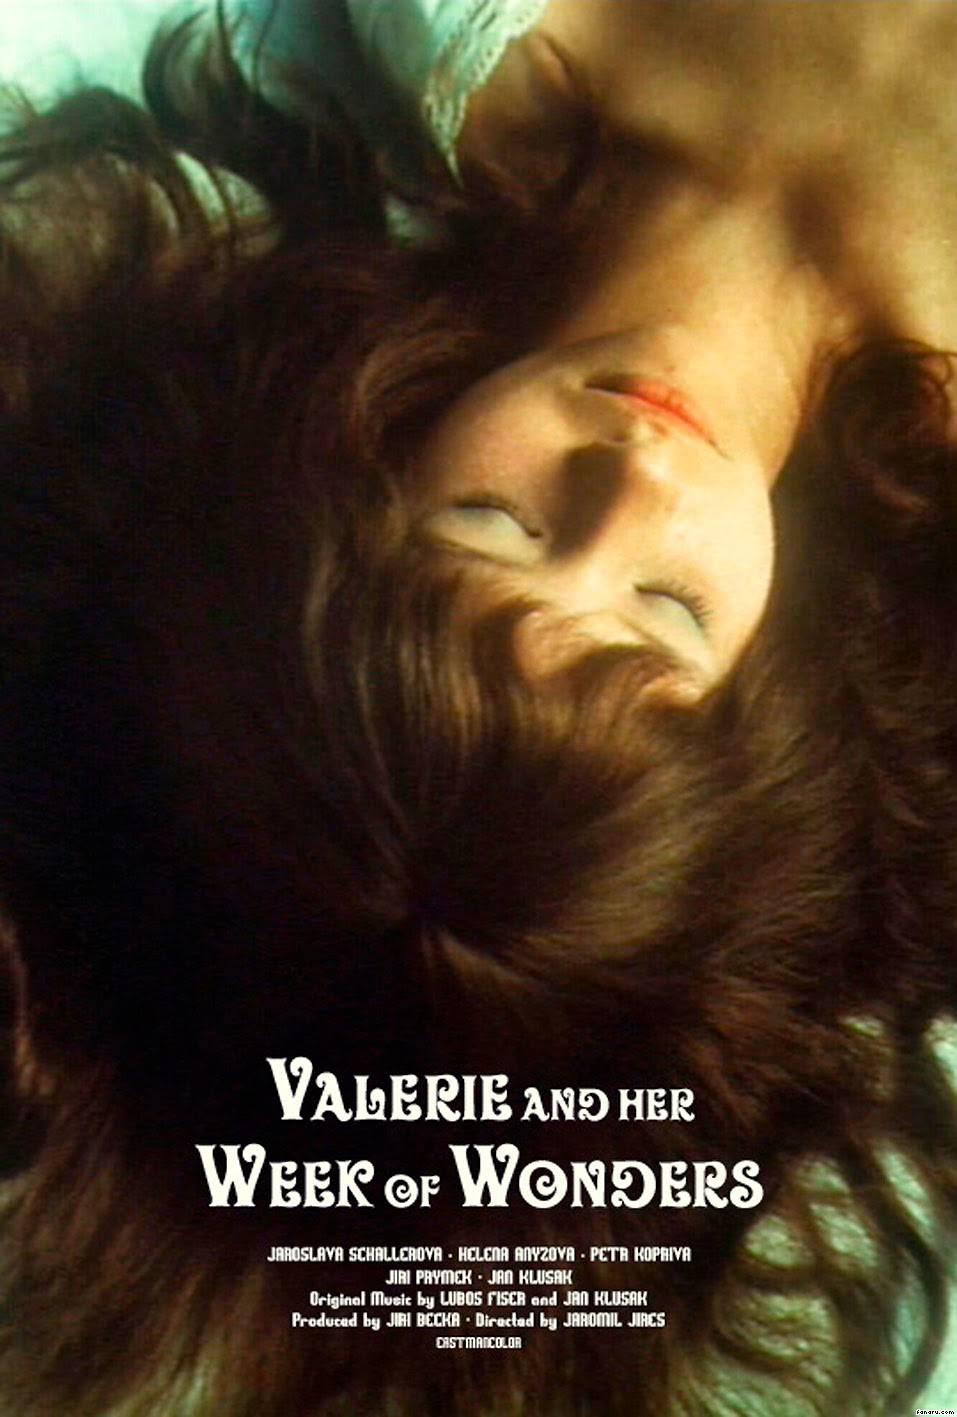 valerie-and-her-week-of-wonders-poster-001